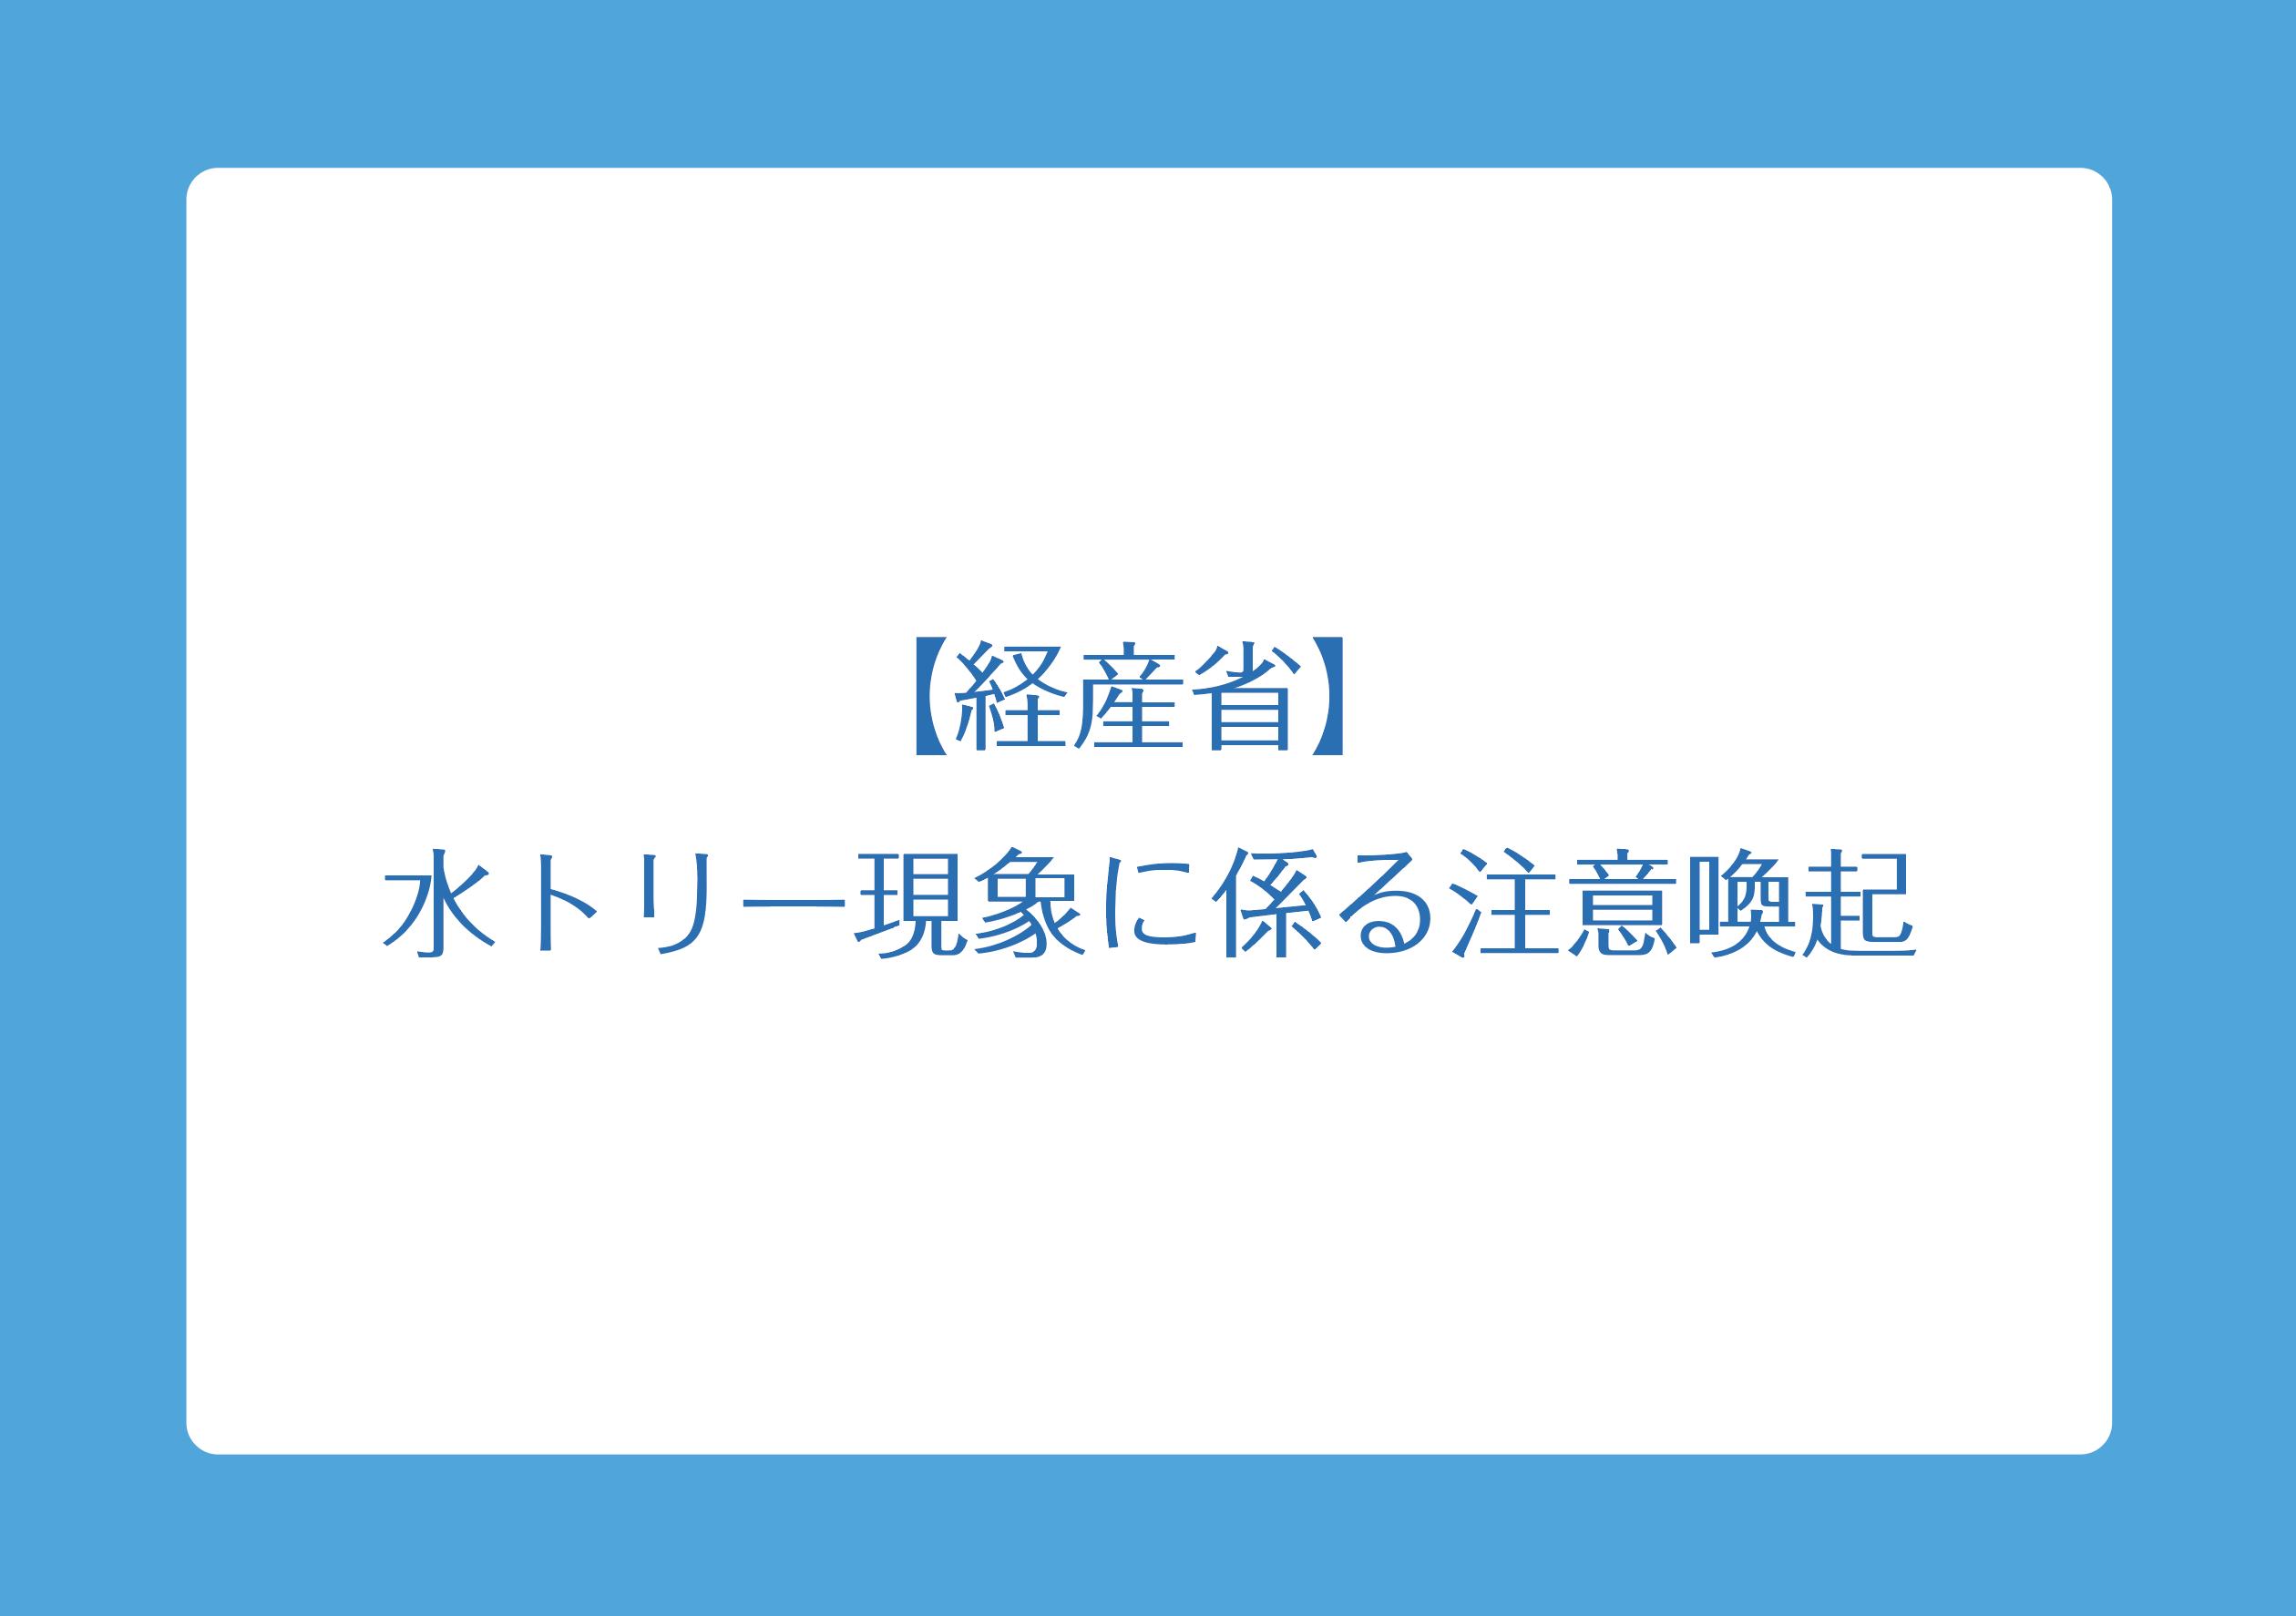 【経産省】 水トリー現象に係る注意喚起の画像